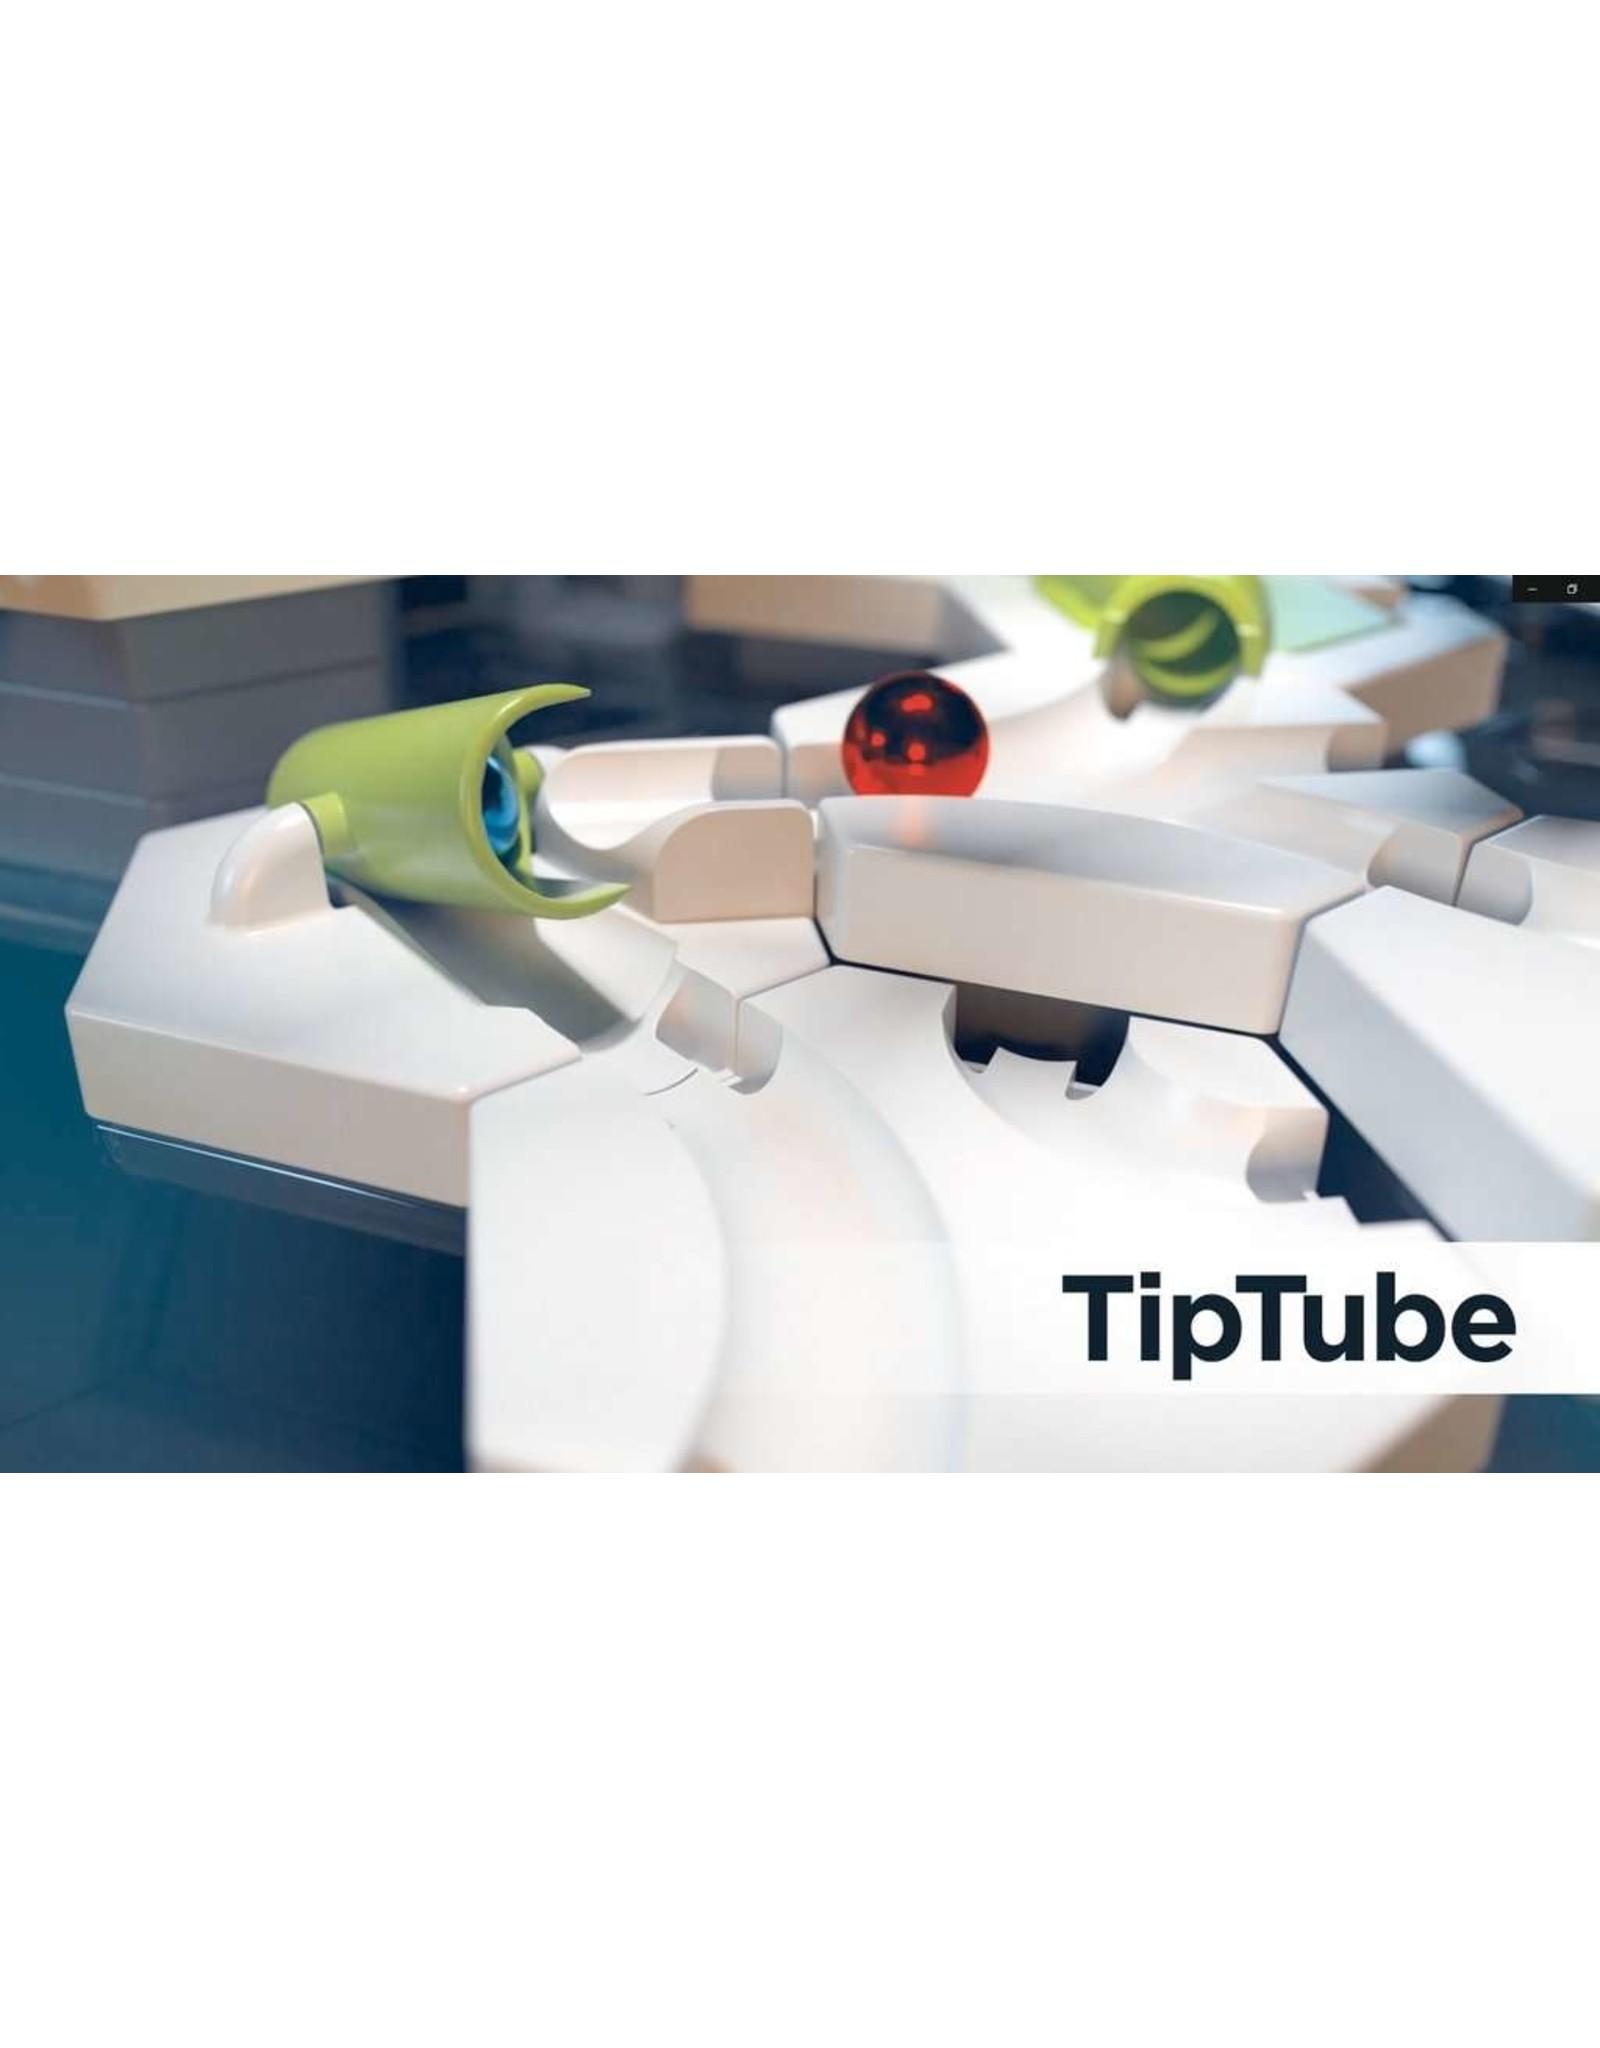 Ravensburger Gravitrax: Tip Tube